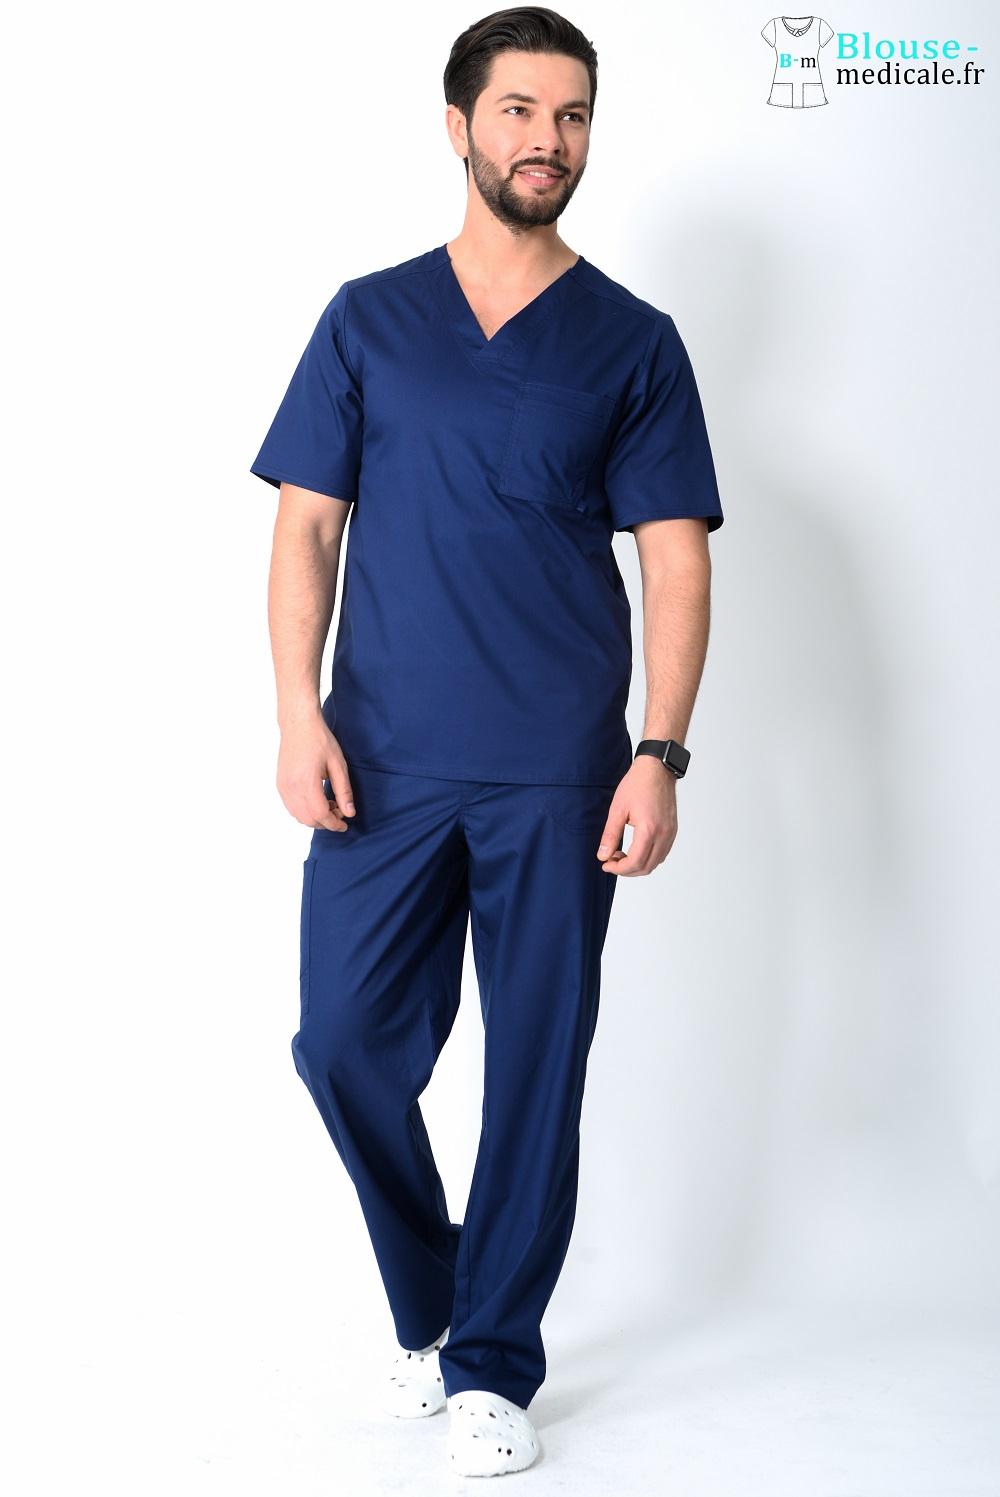 tenue médicale homme